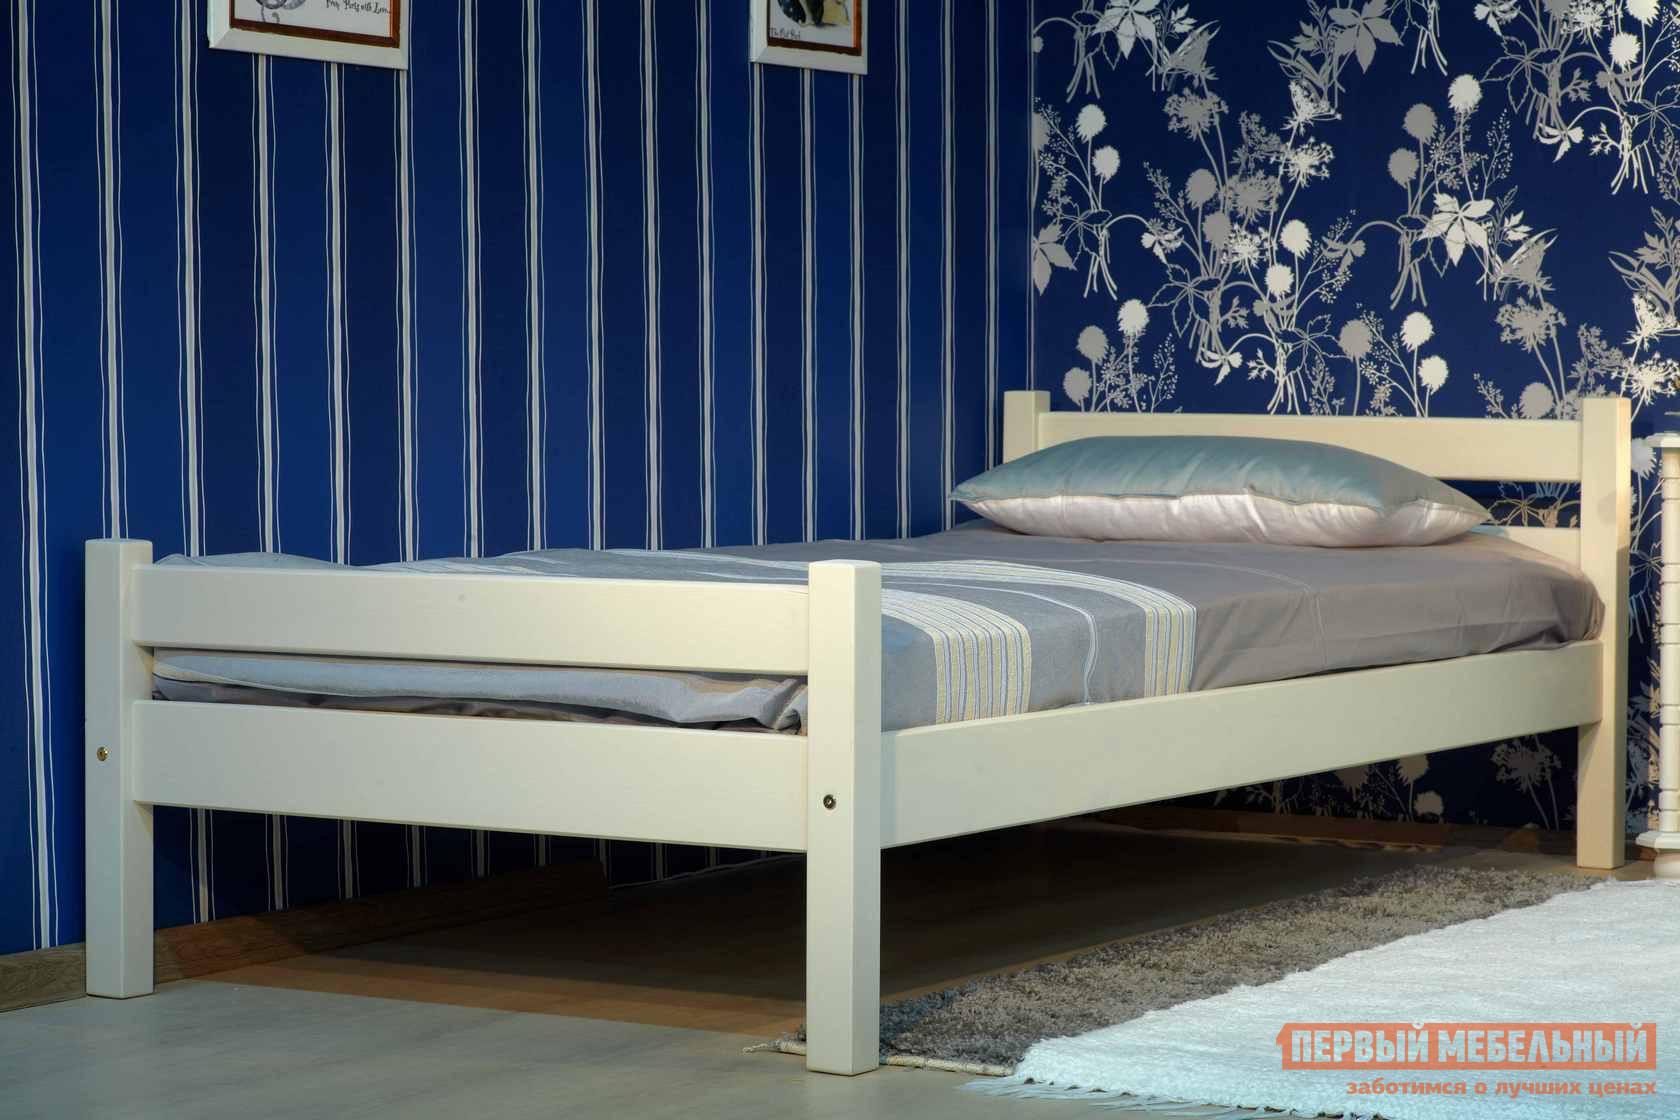 Односпальная кровать  Кровать Классик Эмаль слоновая кость, Спальное место 900 Х 1900 мм